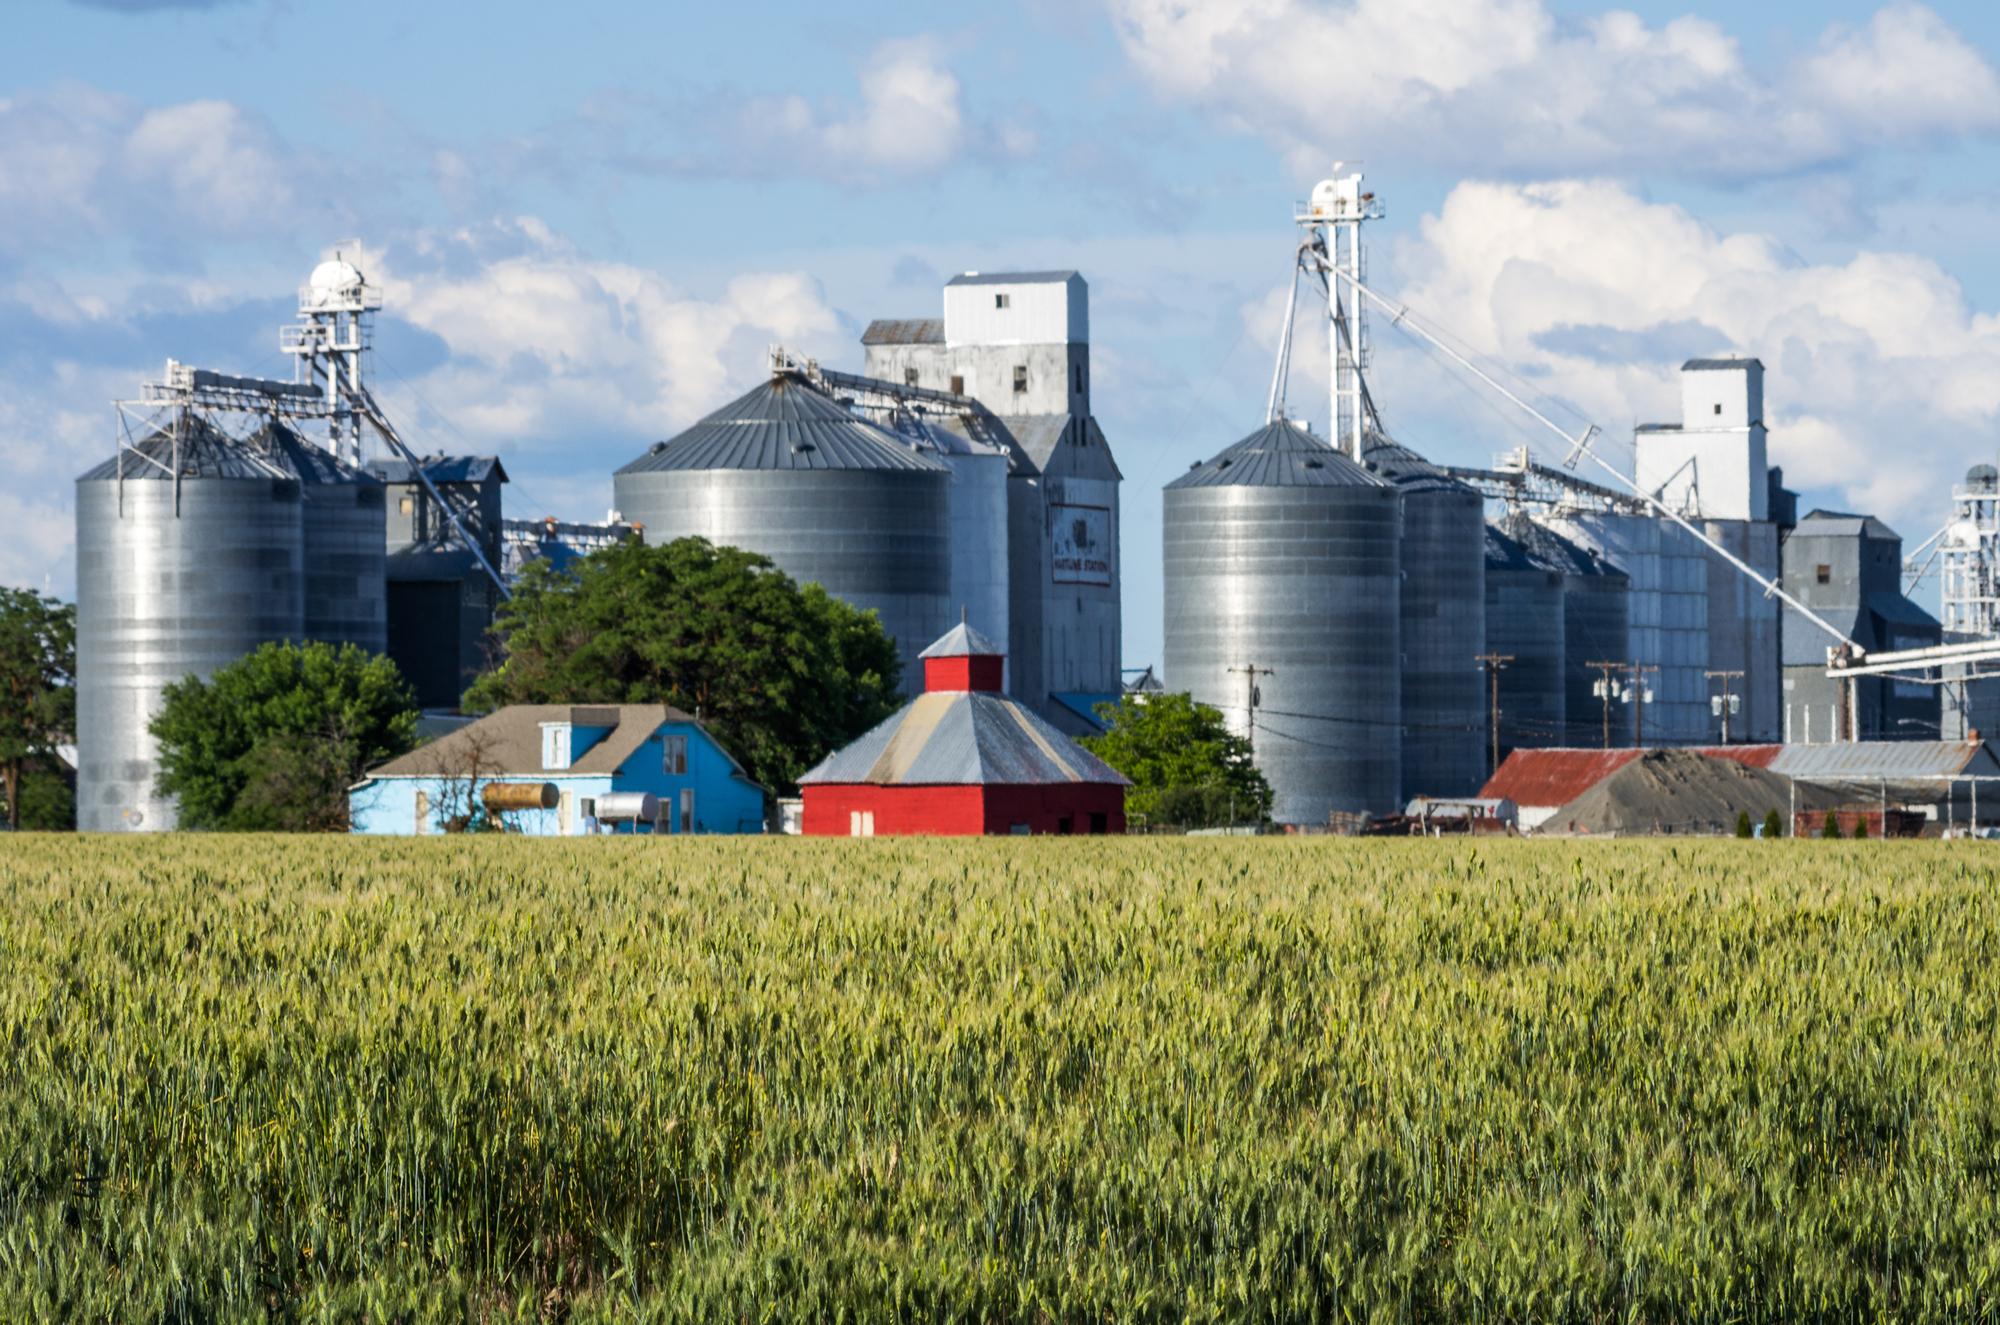 U Čerkasah budujuť biotehnologičnyj agroindustriaľnyj park